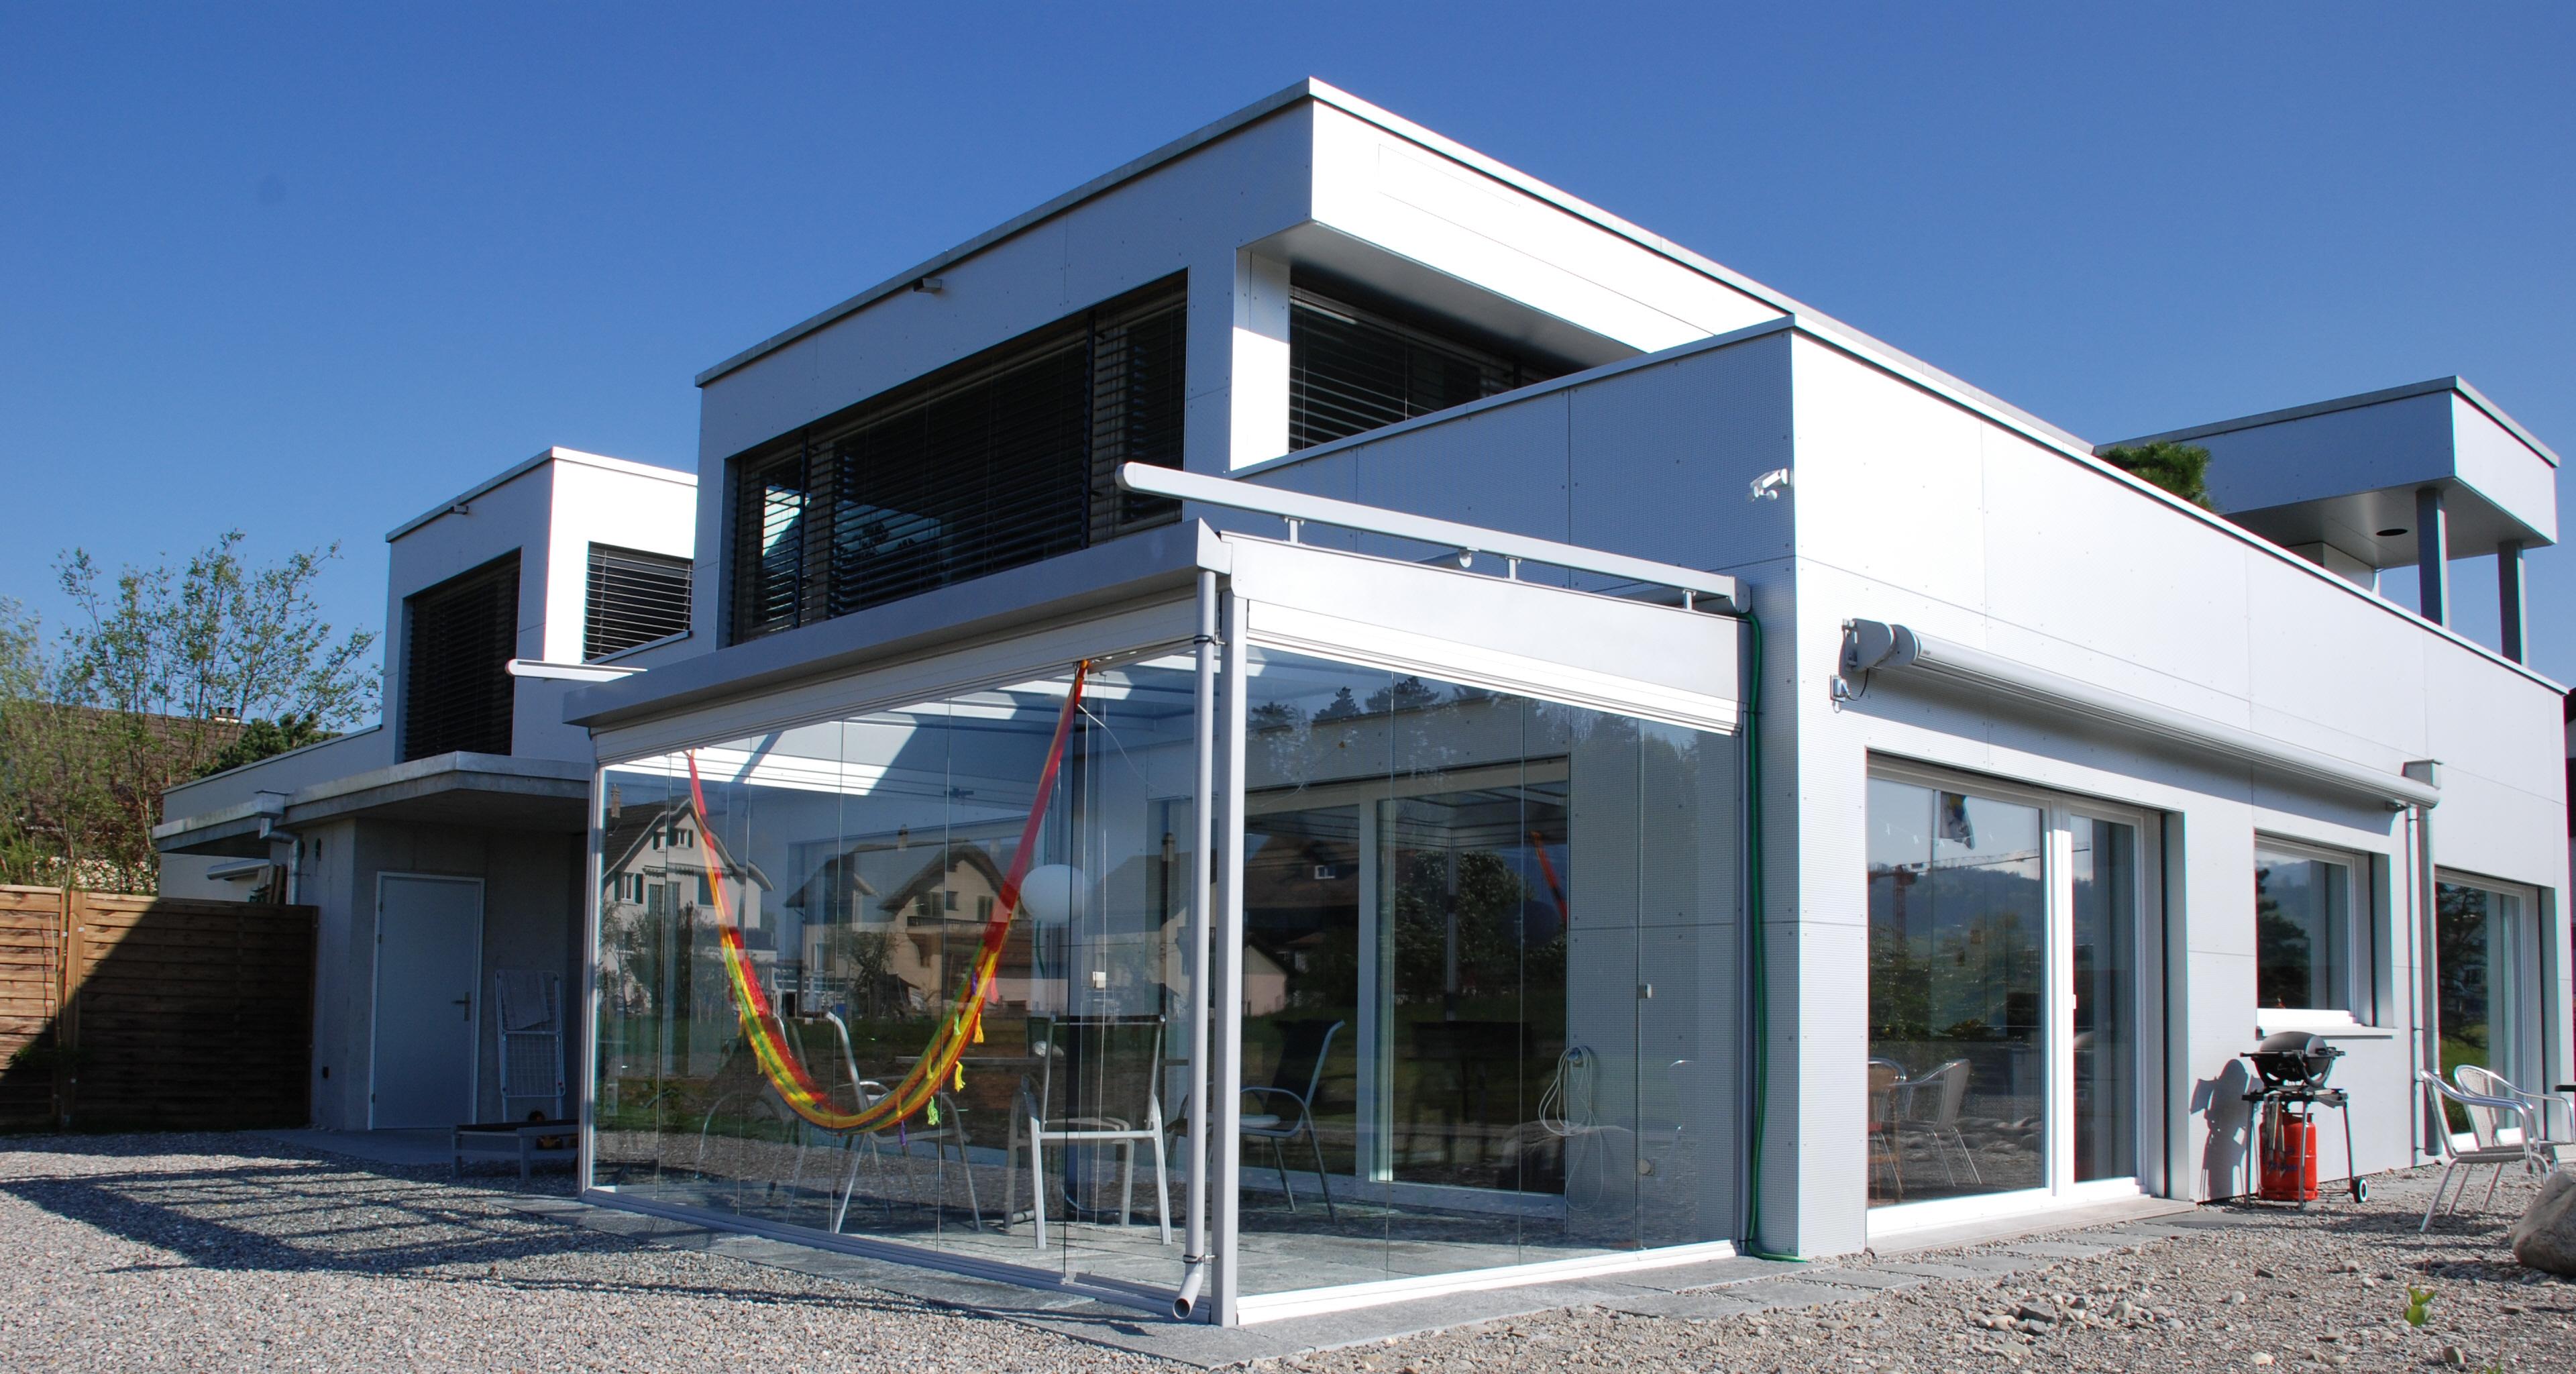 Wintergarten - Planung Standort, Ausrichtung